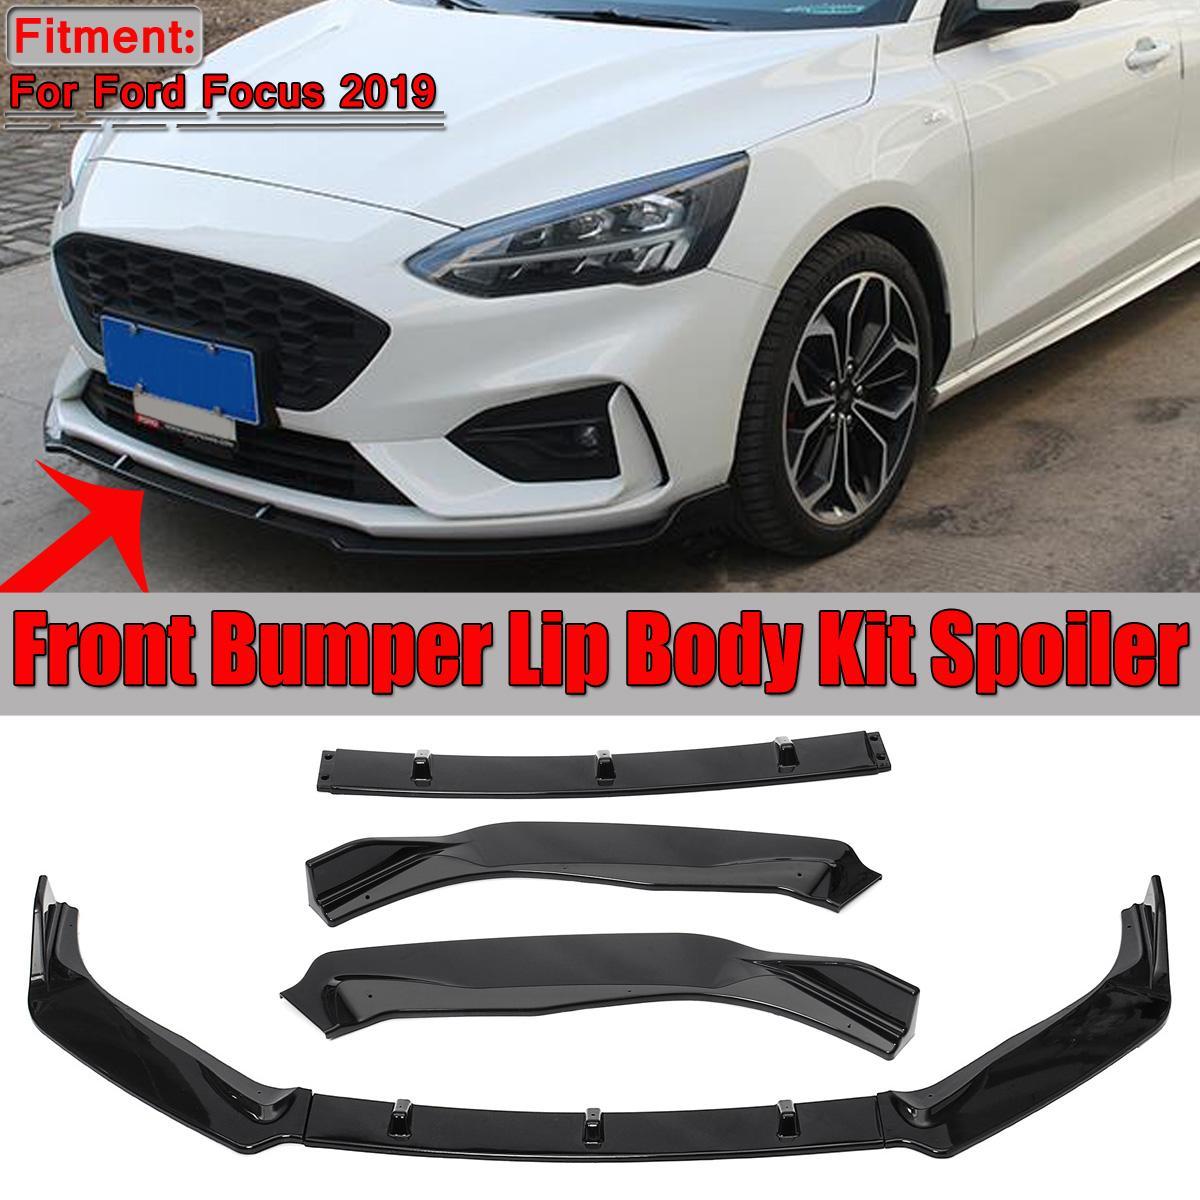 Noir brillant voiture pare-chocs avant lèvre corps Kit séparateur Spoiler pour Ford pour Focus 2019 voiture pare-chocs avant lèvre diffuseur déflecteur